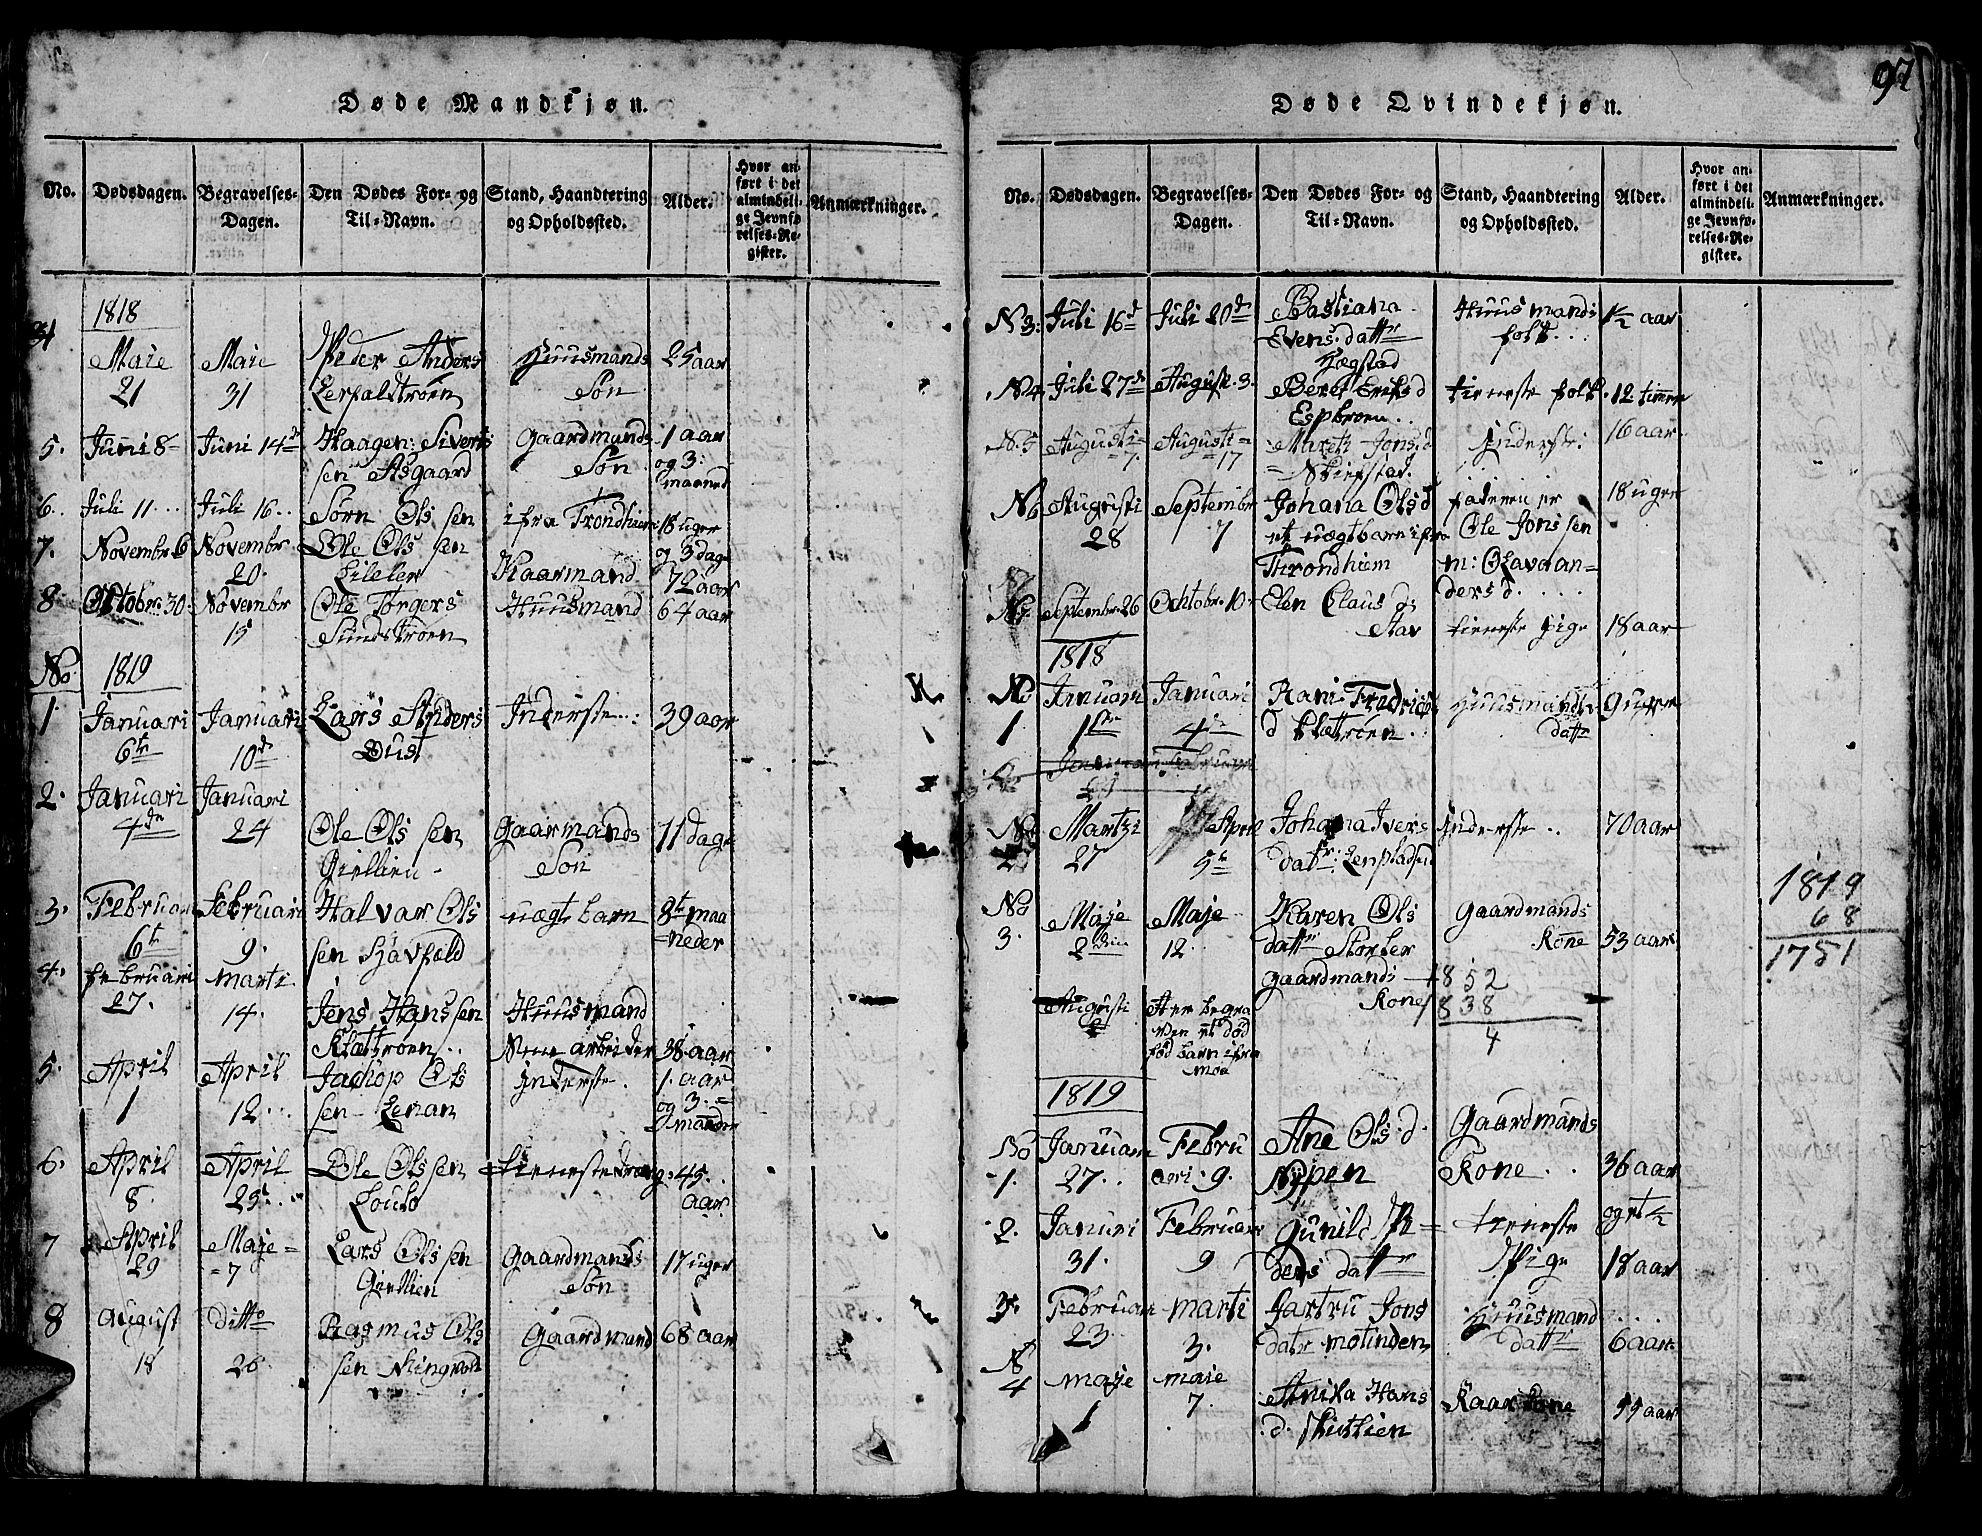 SAT, Ministerialprotokoller, klokkerbøker og fødselsregistre - Sør-Trøndelag, 613/L0393: Klokkerbok nr. 613C01, 1816-1886, s. 97